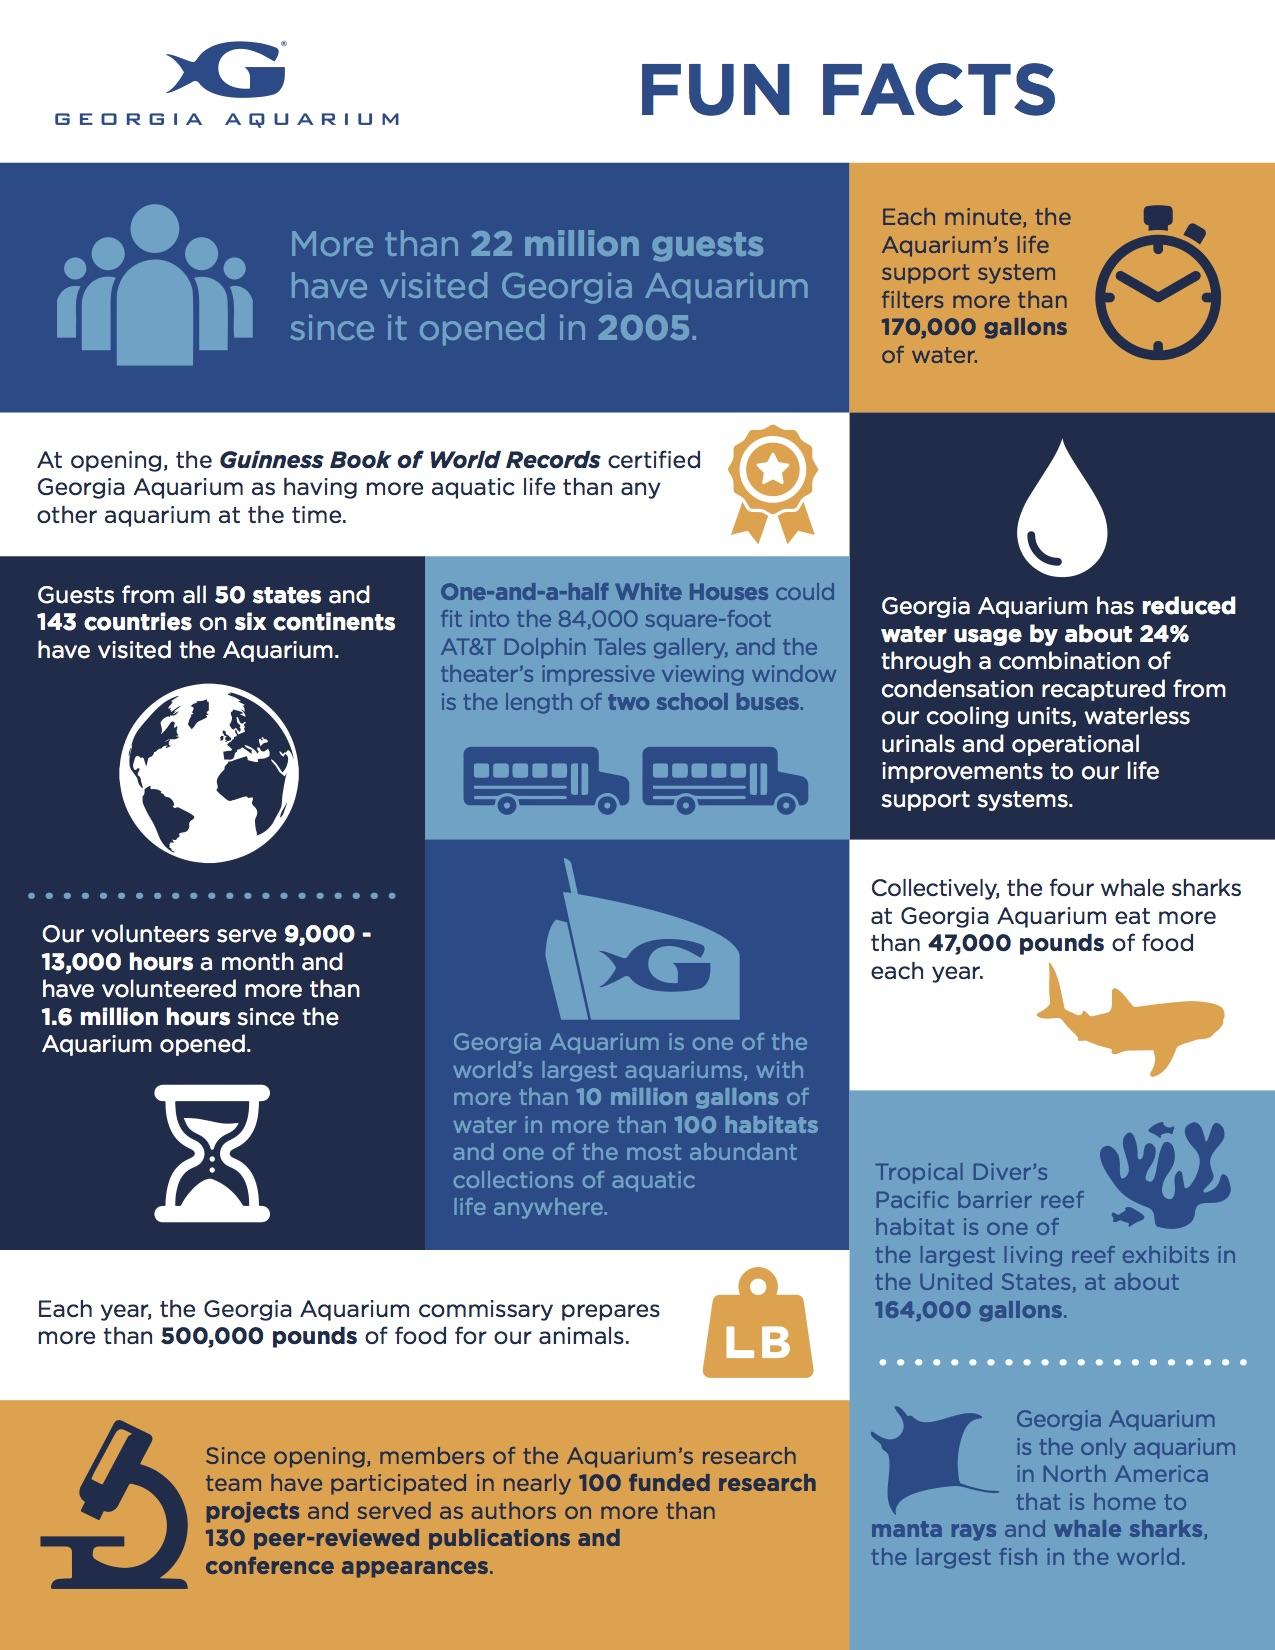 Georgia Aquarium Fun Fact Infographic